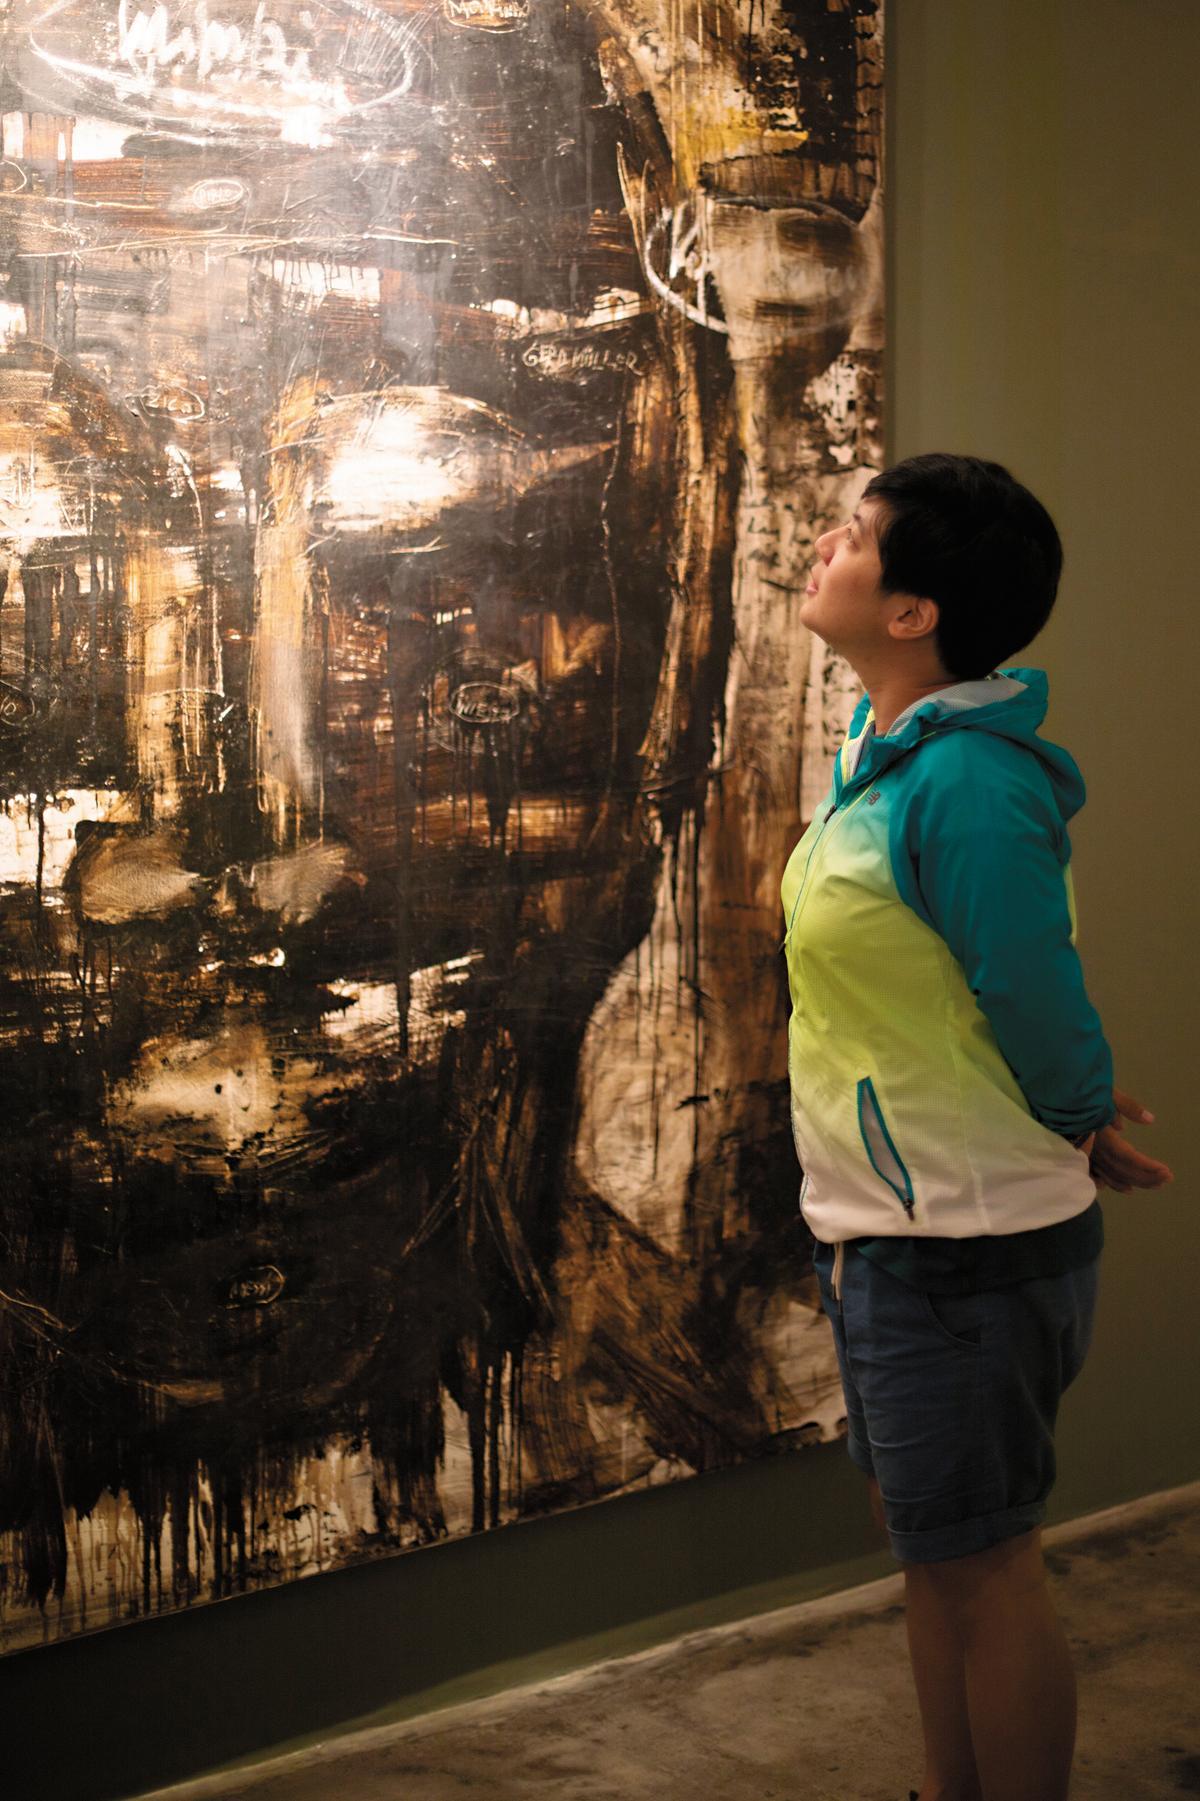 旅客不只喝咖啡,也可近距離看藝術展。